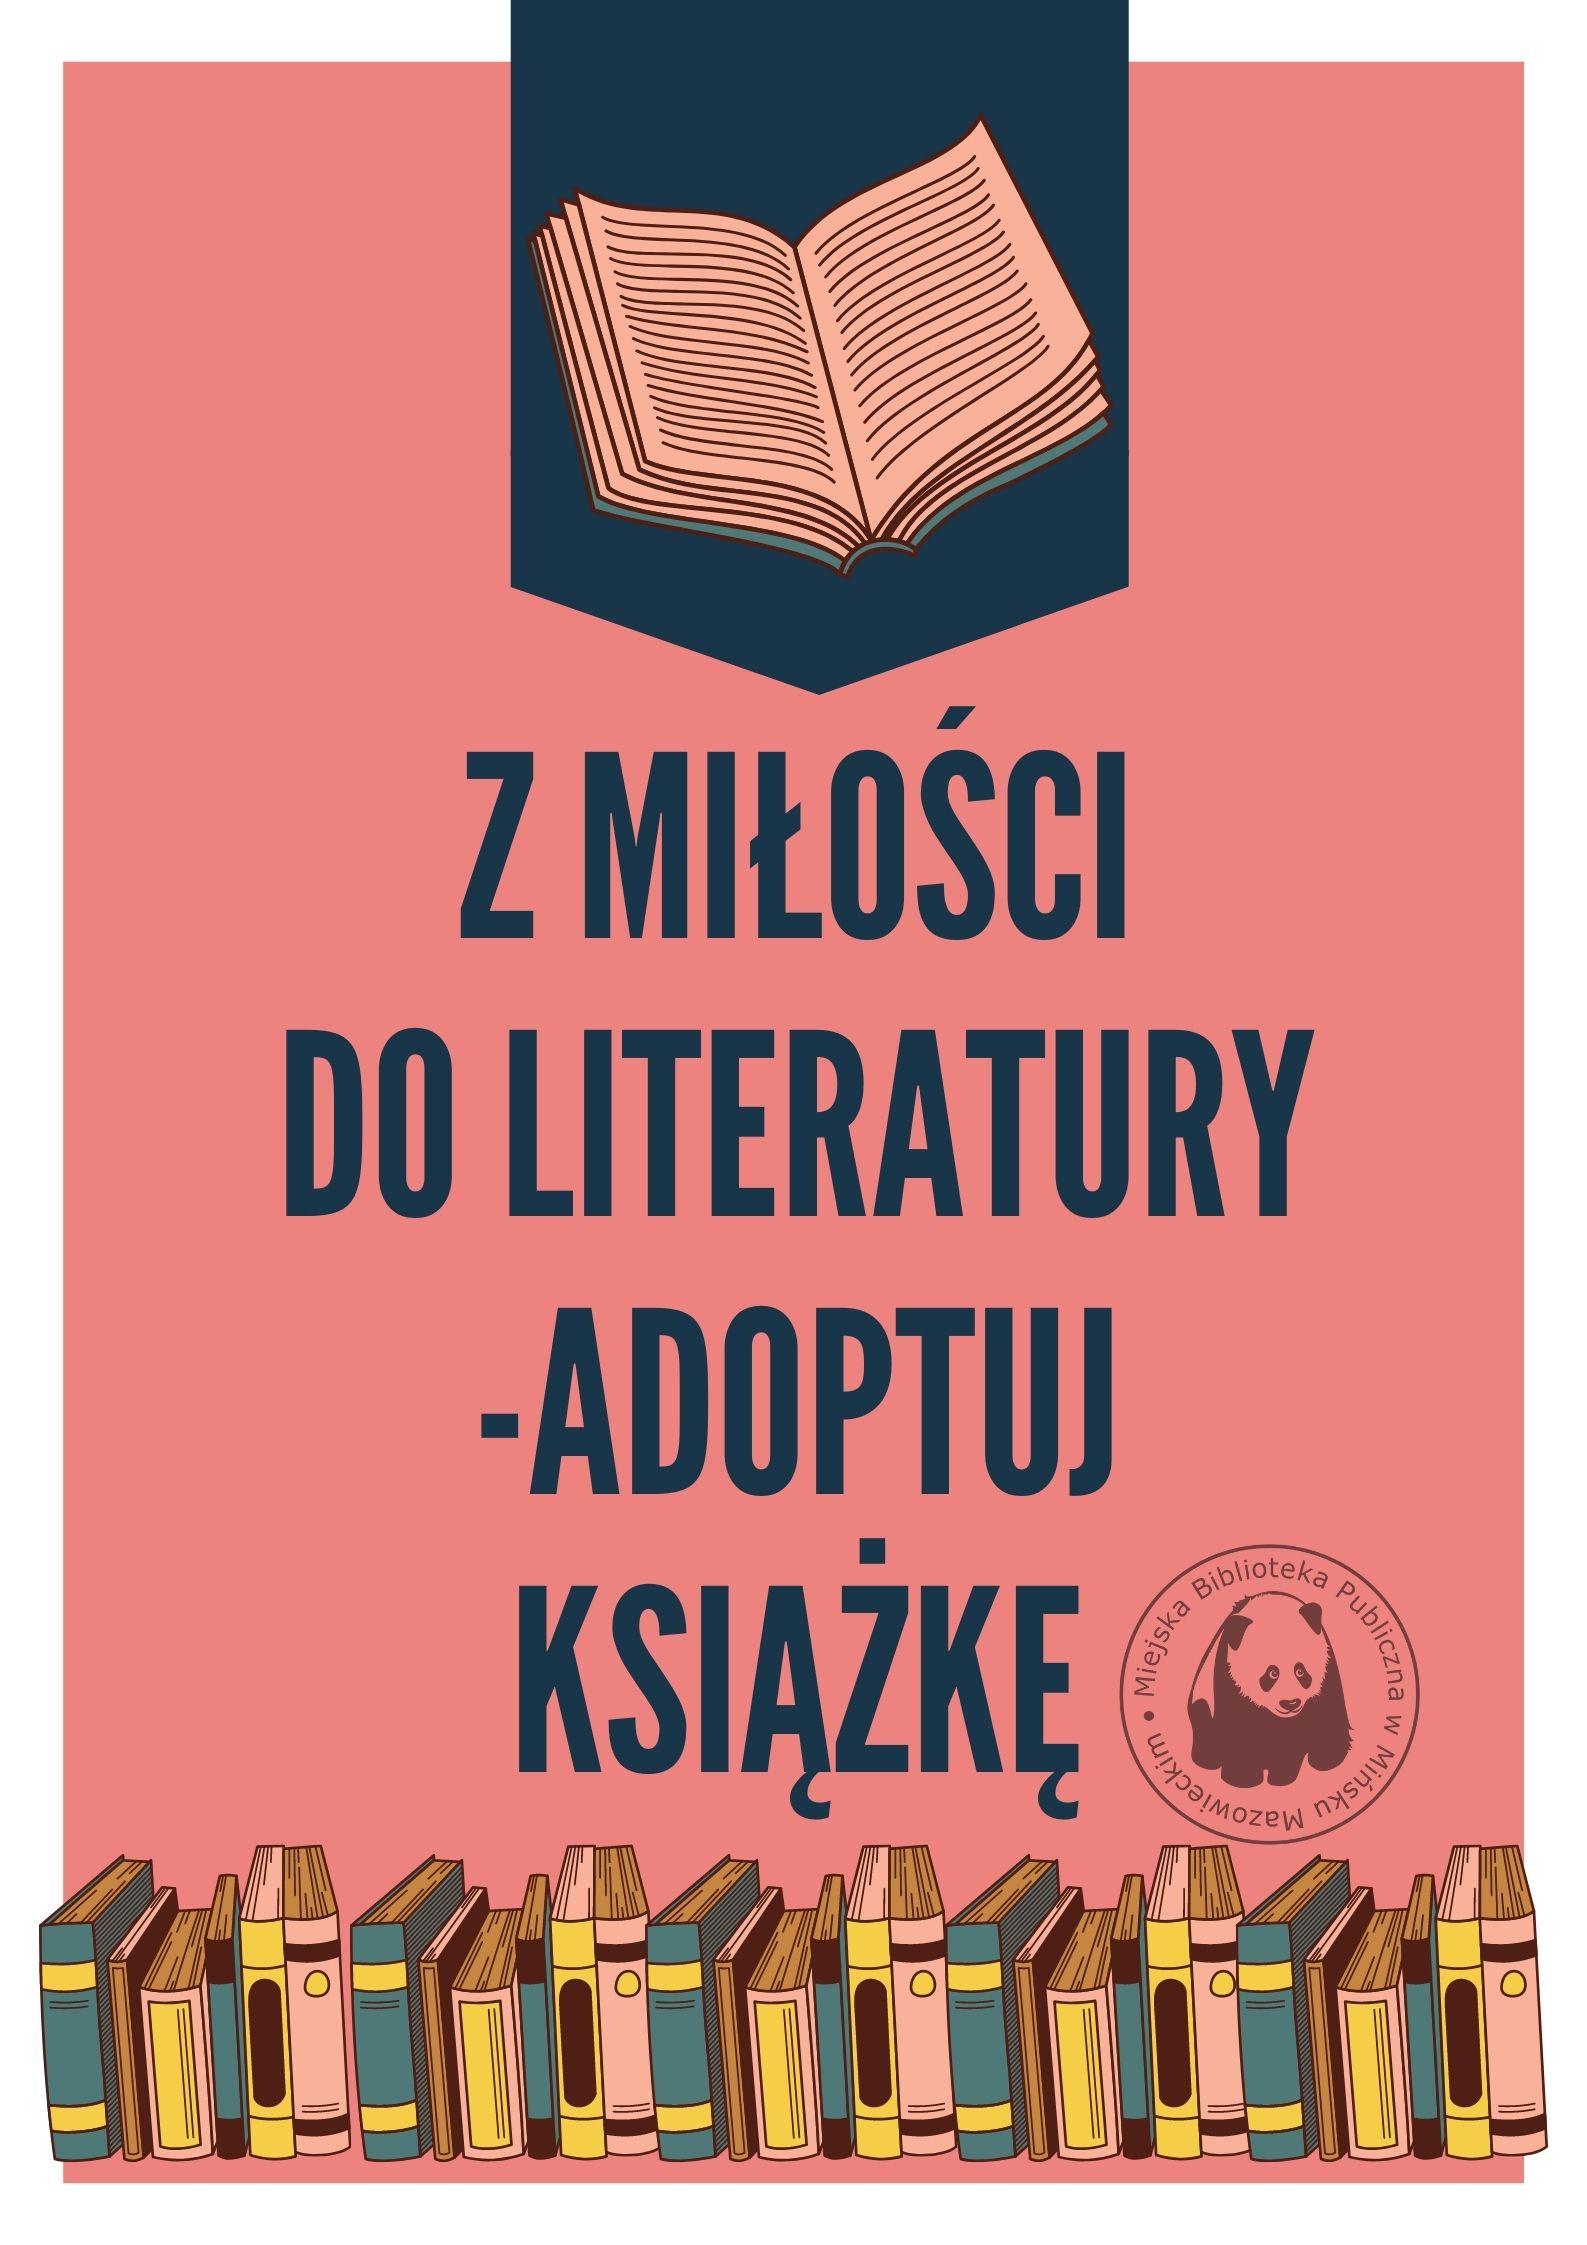 Plakat akcji z miłości do literatury adoptuj ksiażkę